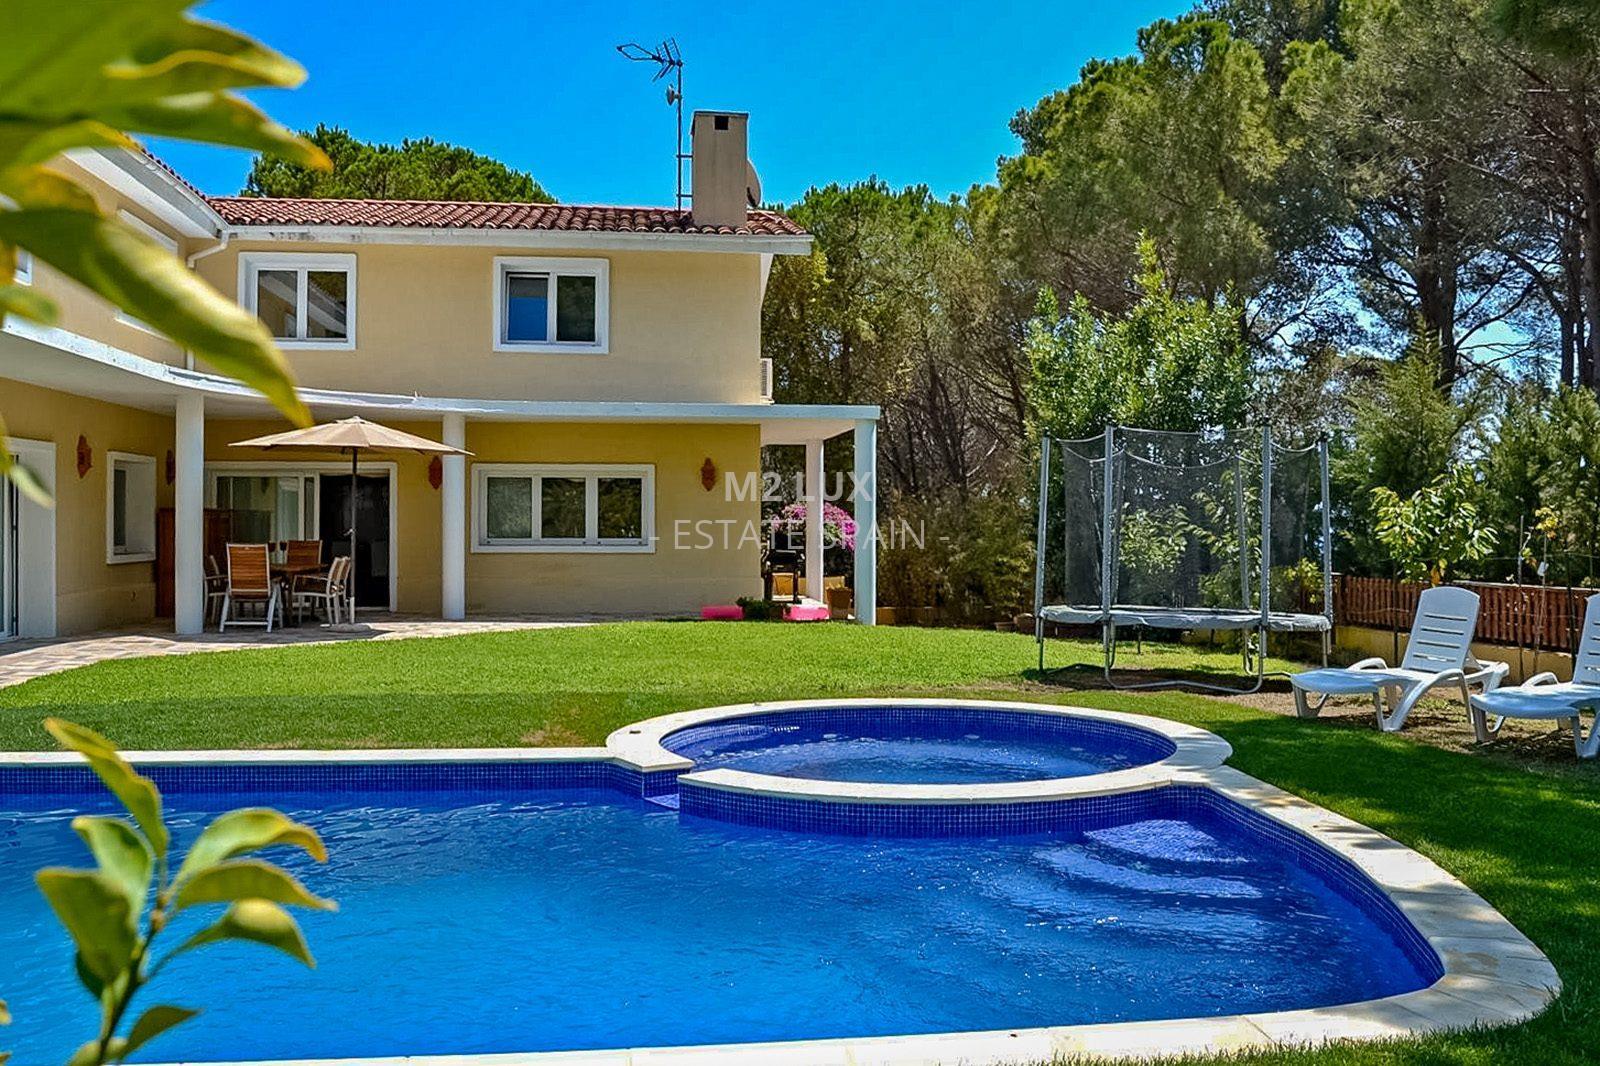 Ллорет де мар купить дом недвижимость испании